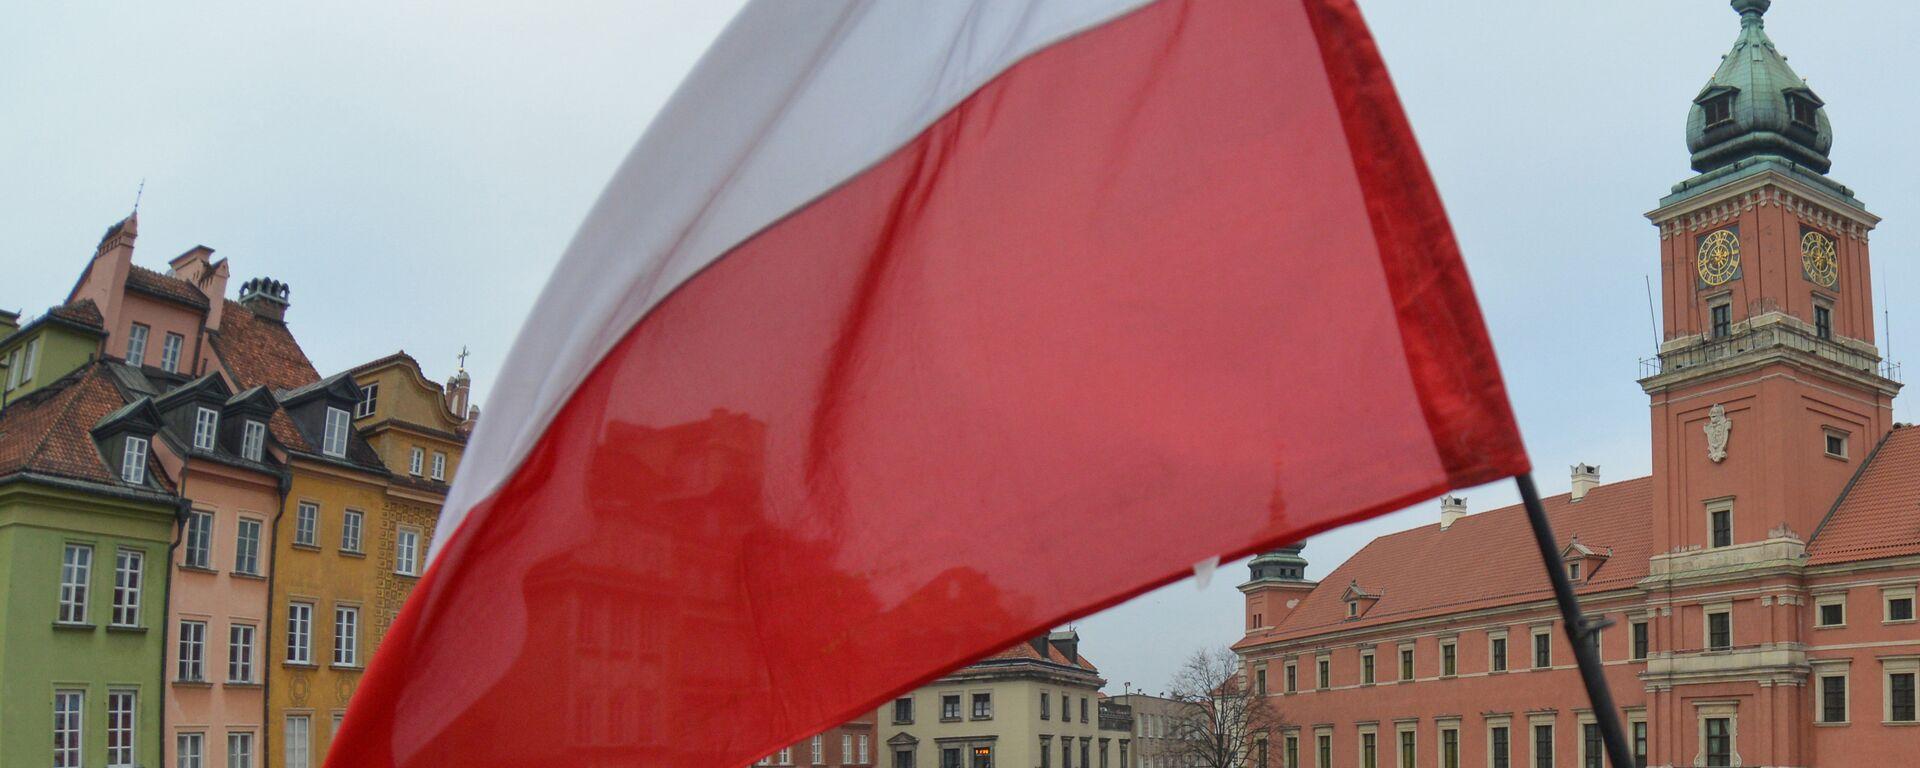 Флаг Польши - Sputnik Латвия, 1920, 13.12.2018